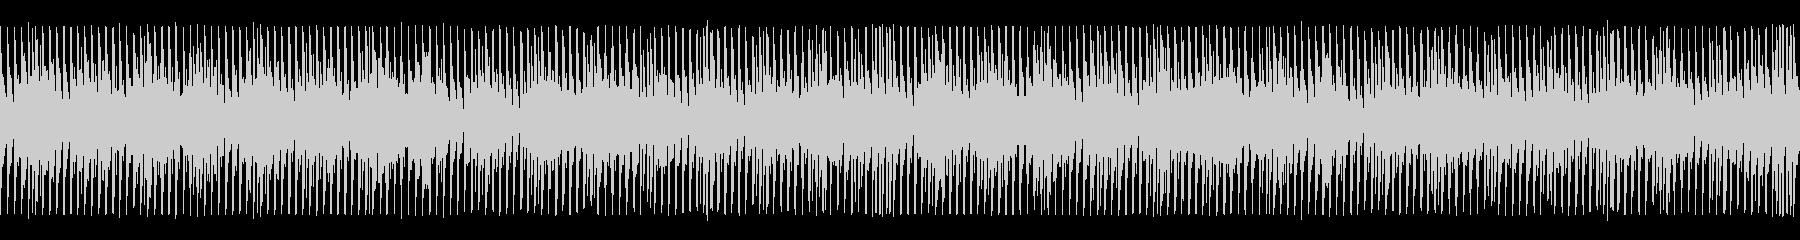 ラミーなアイコ メロなし ループ仕様の未再生の波形